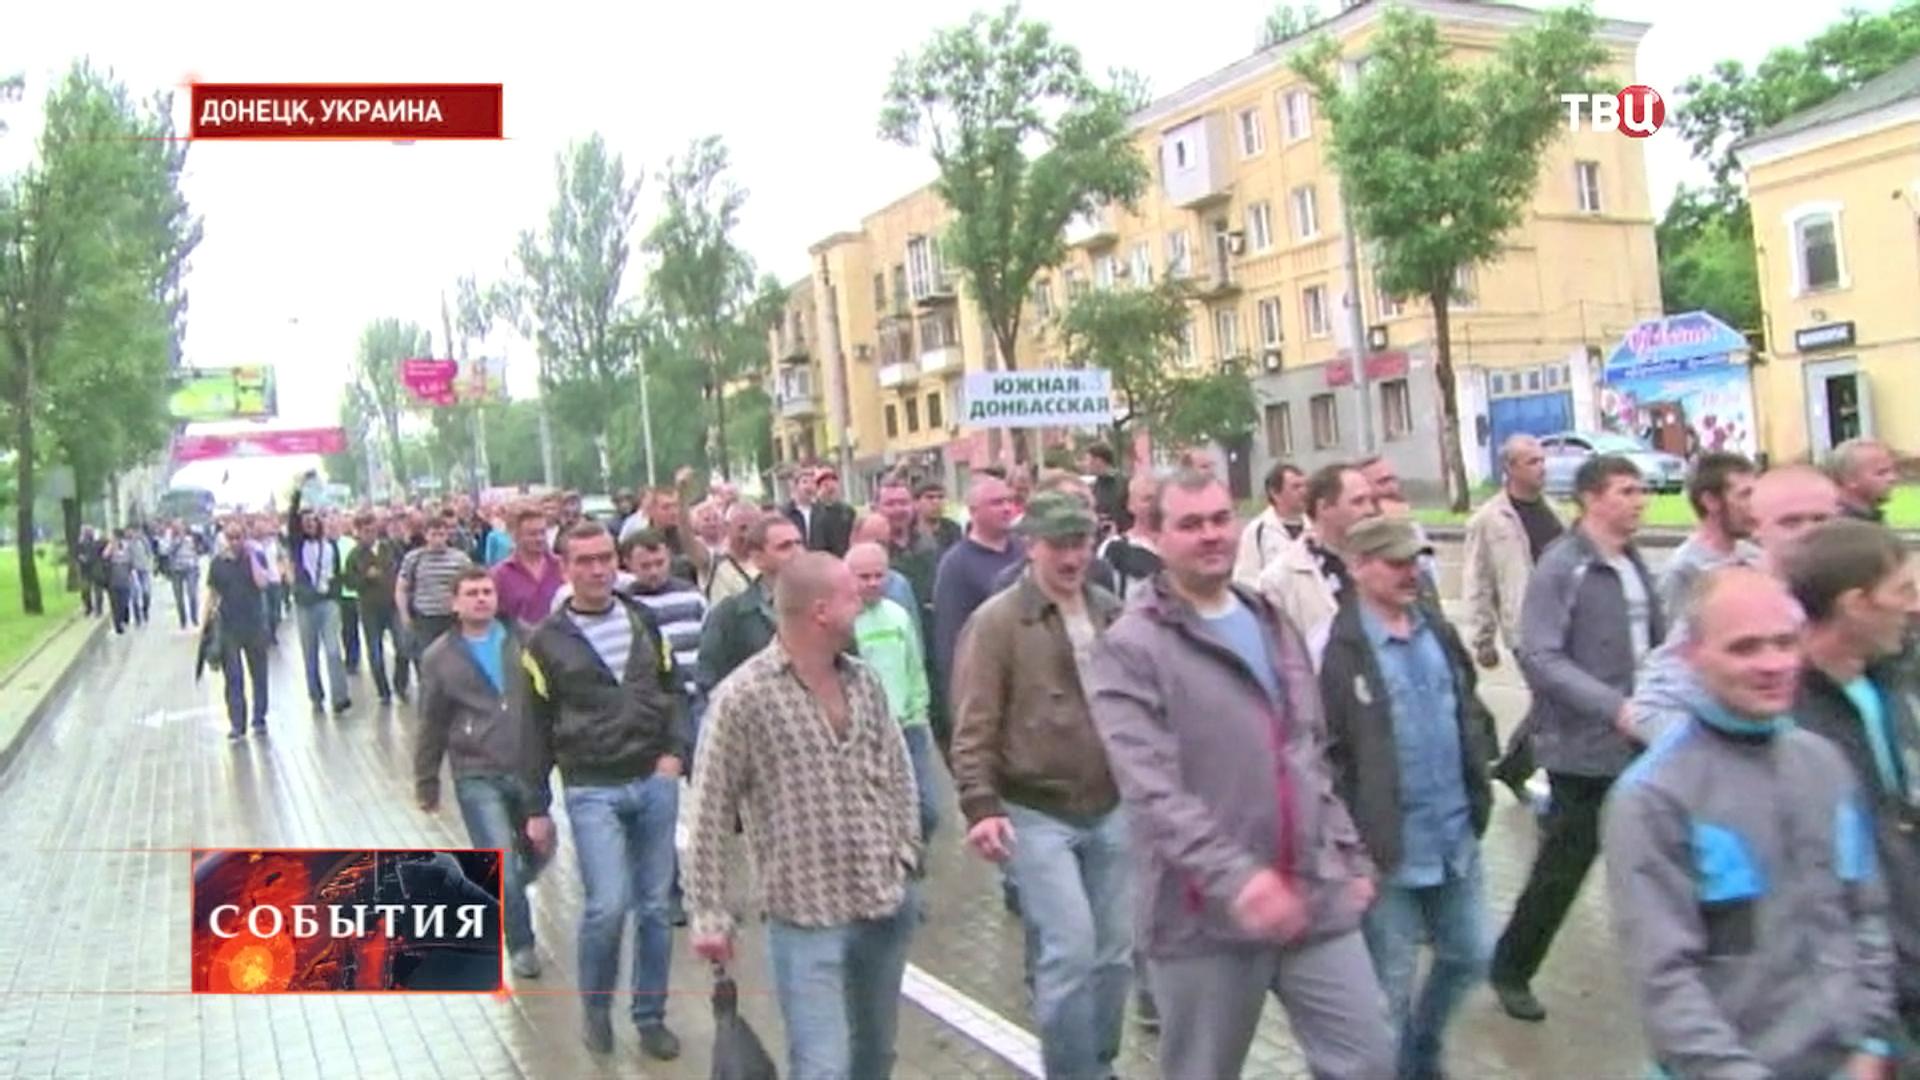 В Славянске ощущается нехватка продуктов, воды и лекарств